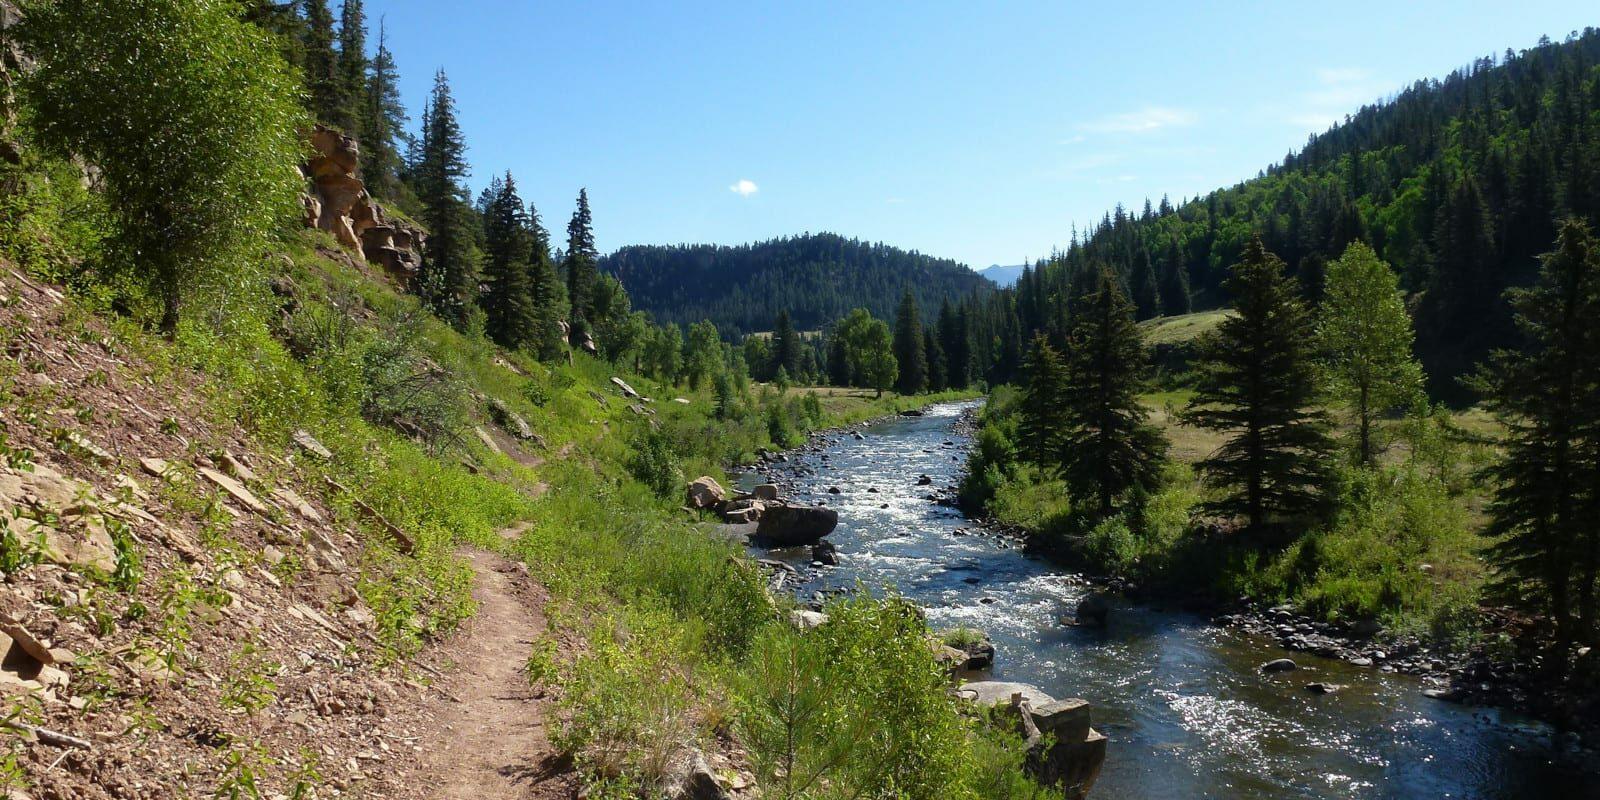 Image of the Piedra River in Colorado